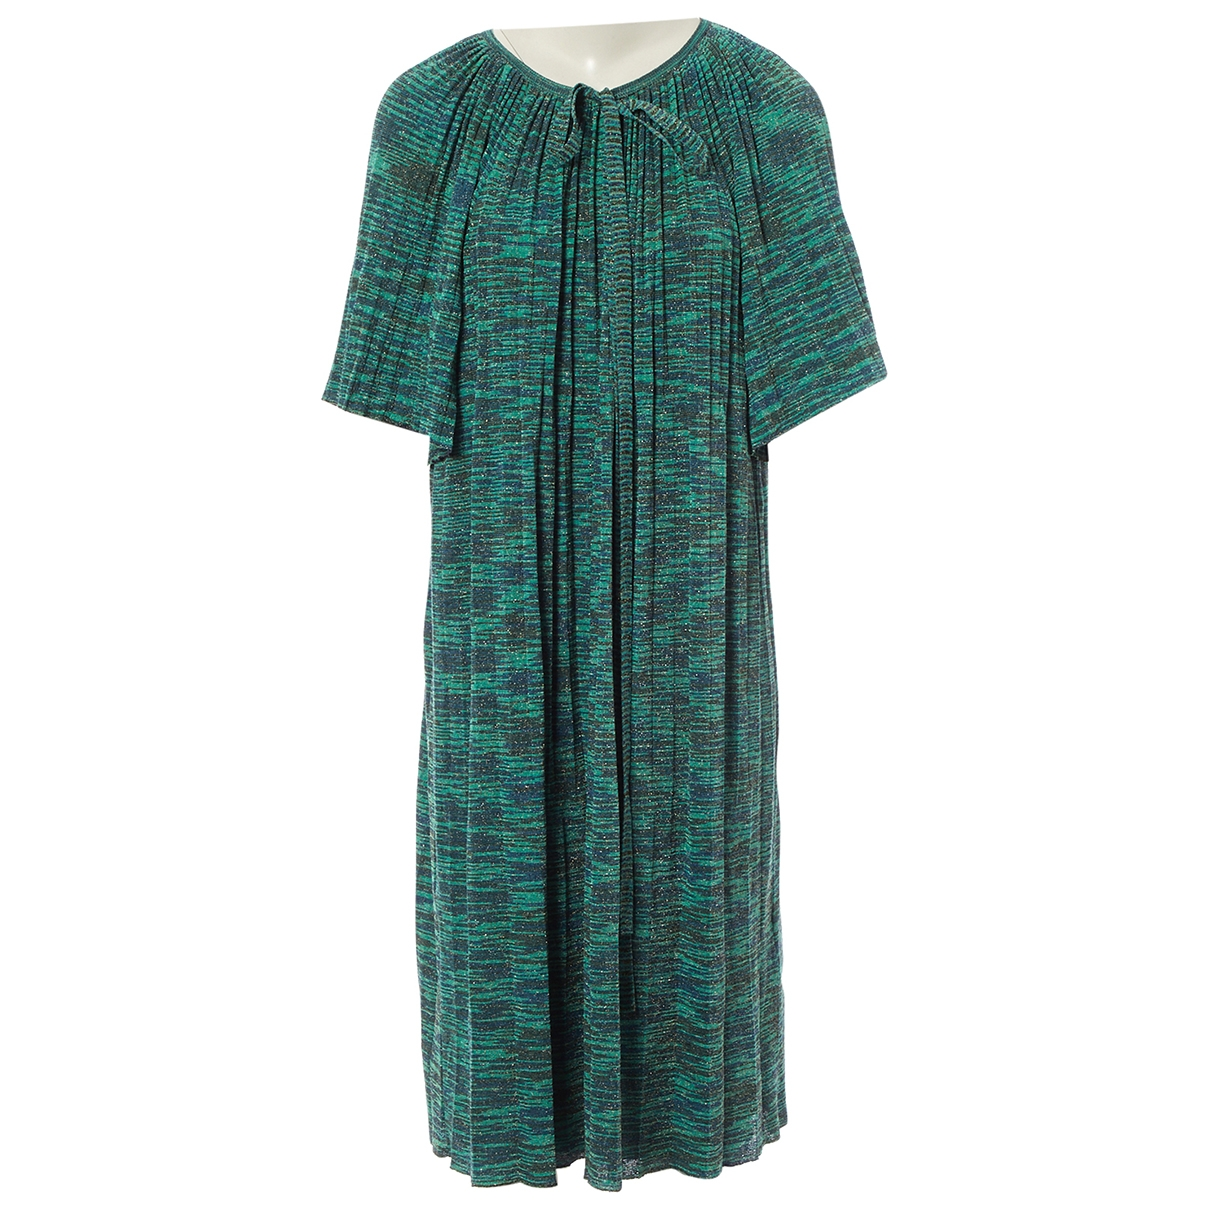 Missoni \N Green dress for Women 40 IT